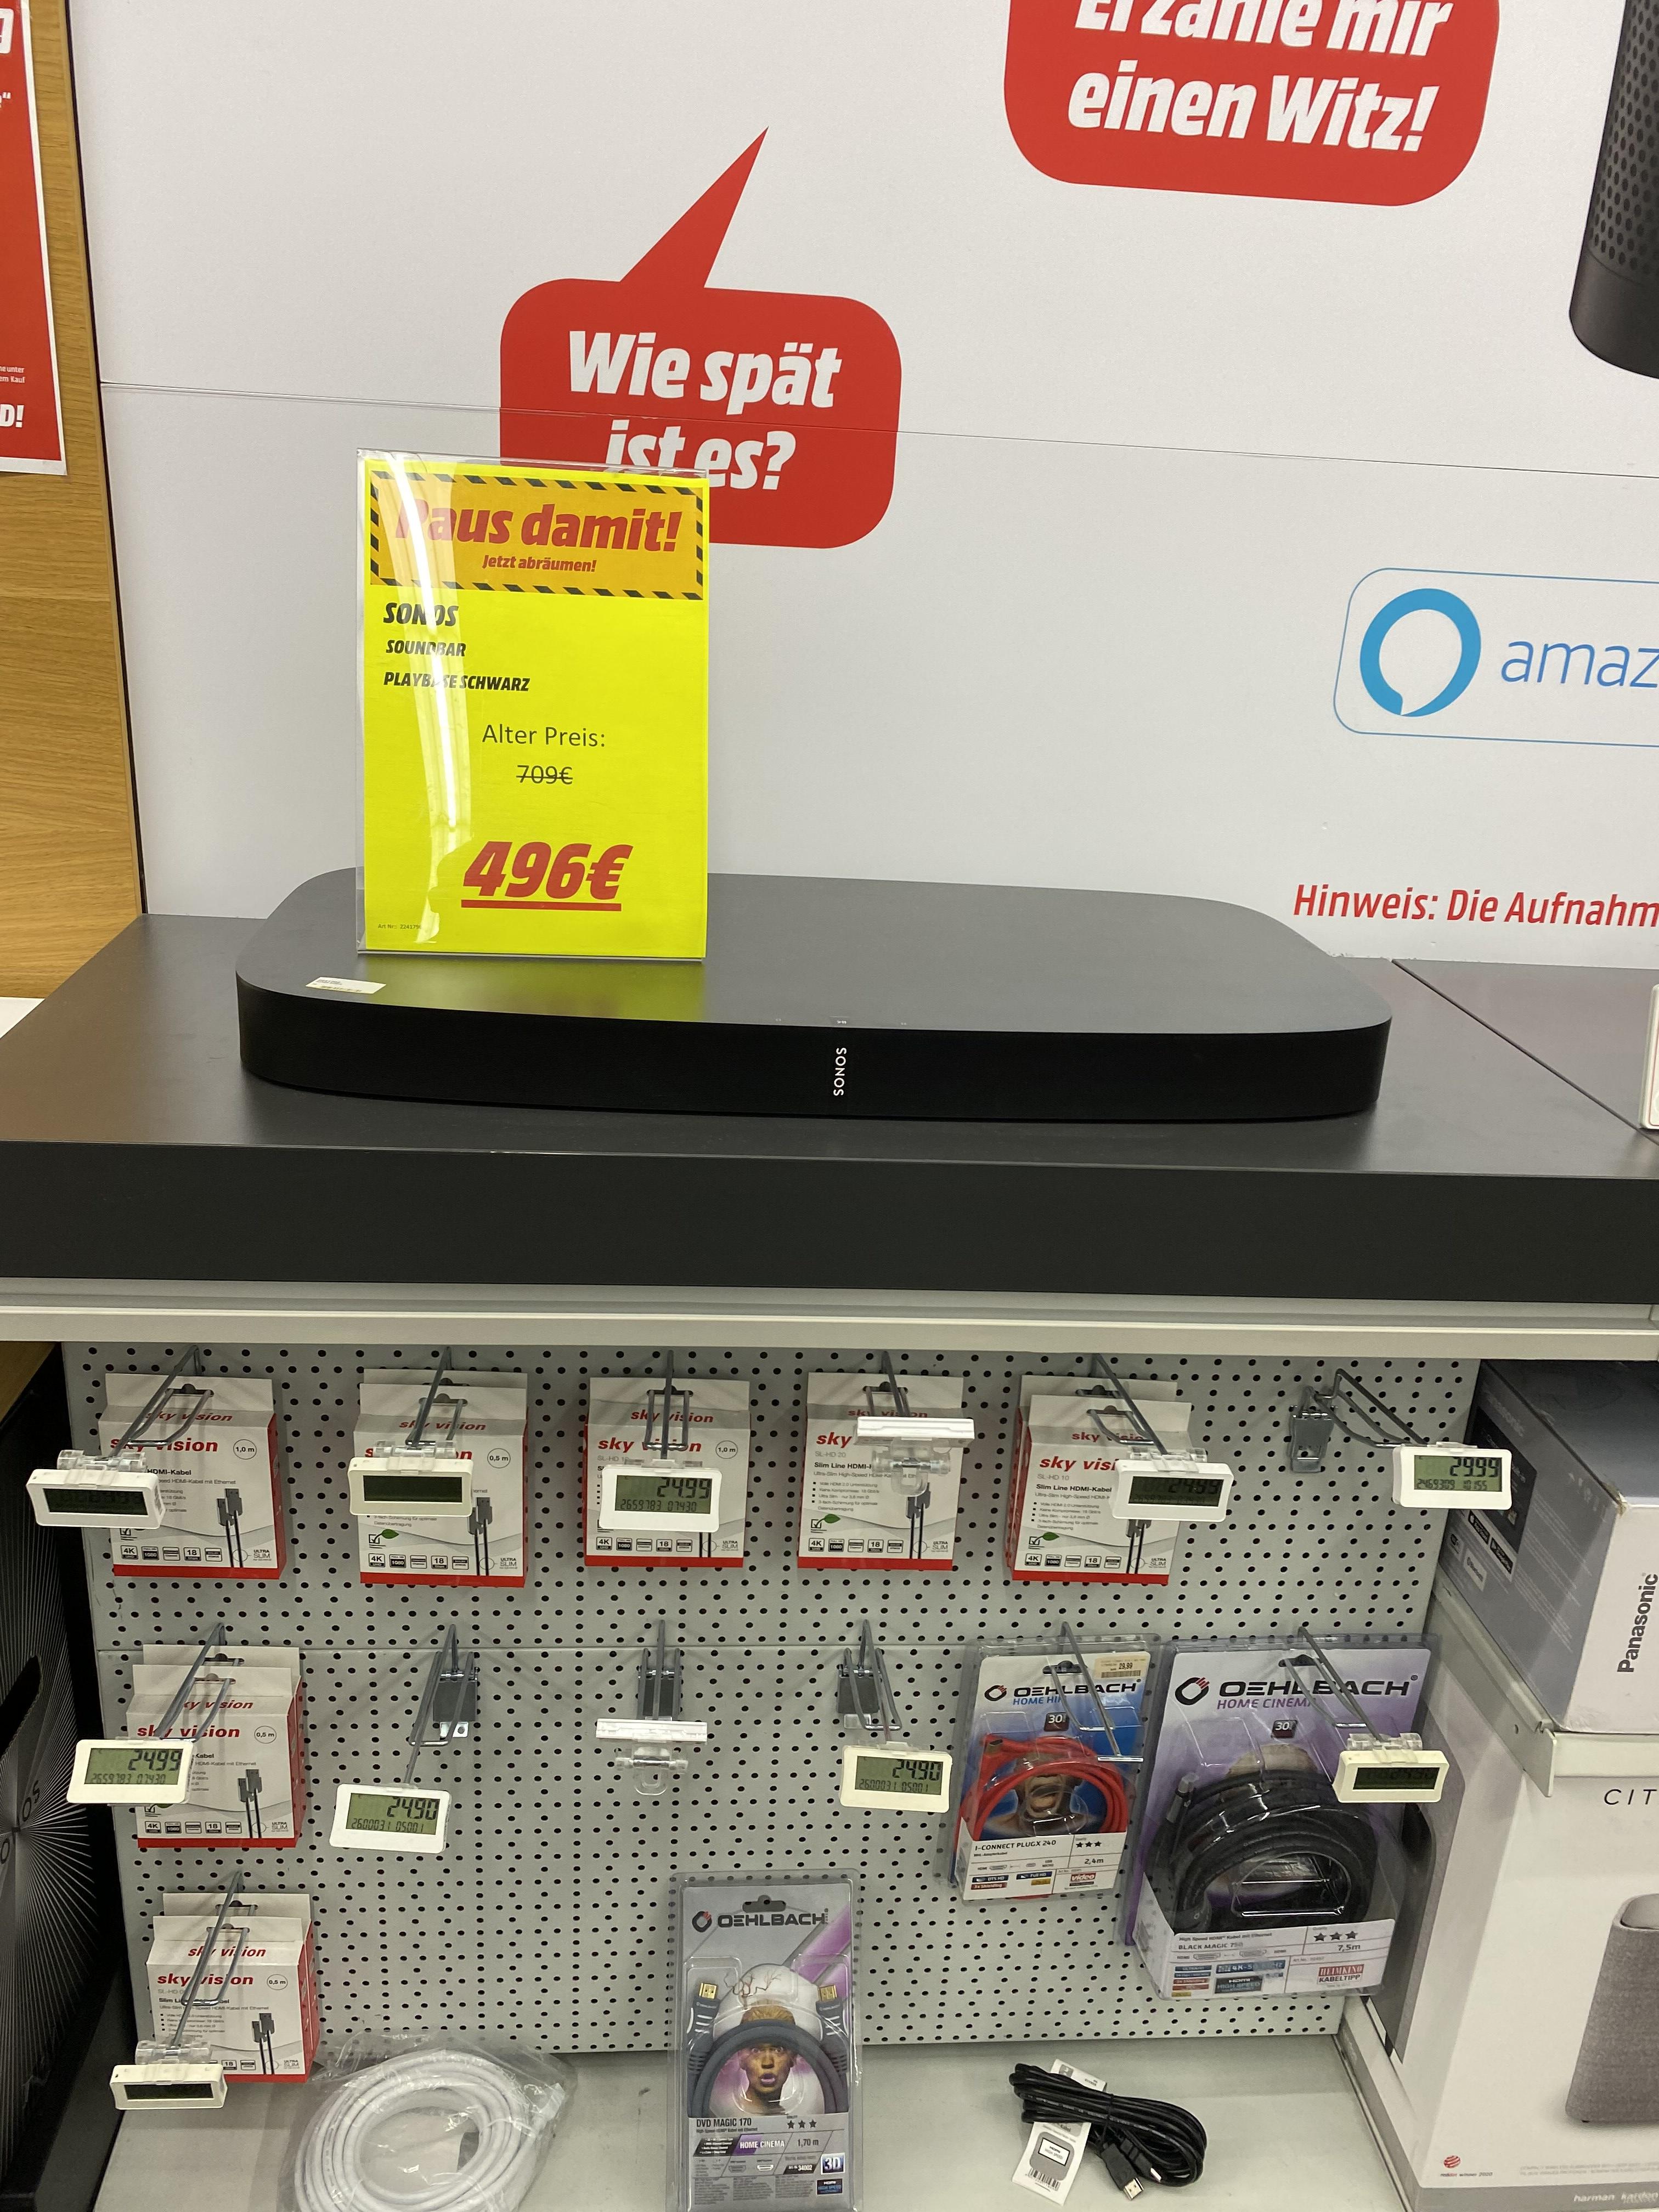 *Lokal* Sonos Playbase Abverkauf Mediamarkt Sindelfingen